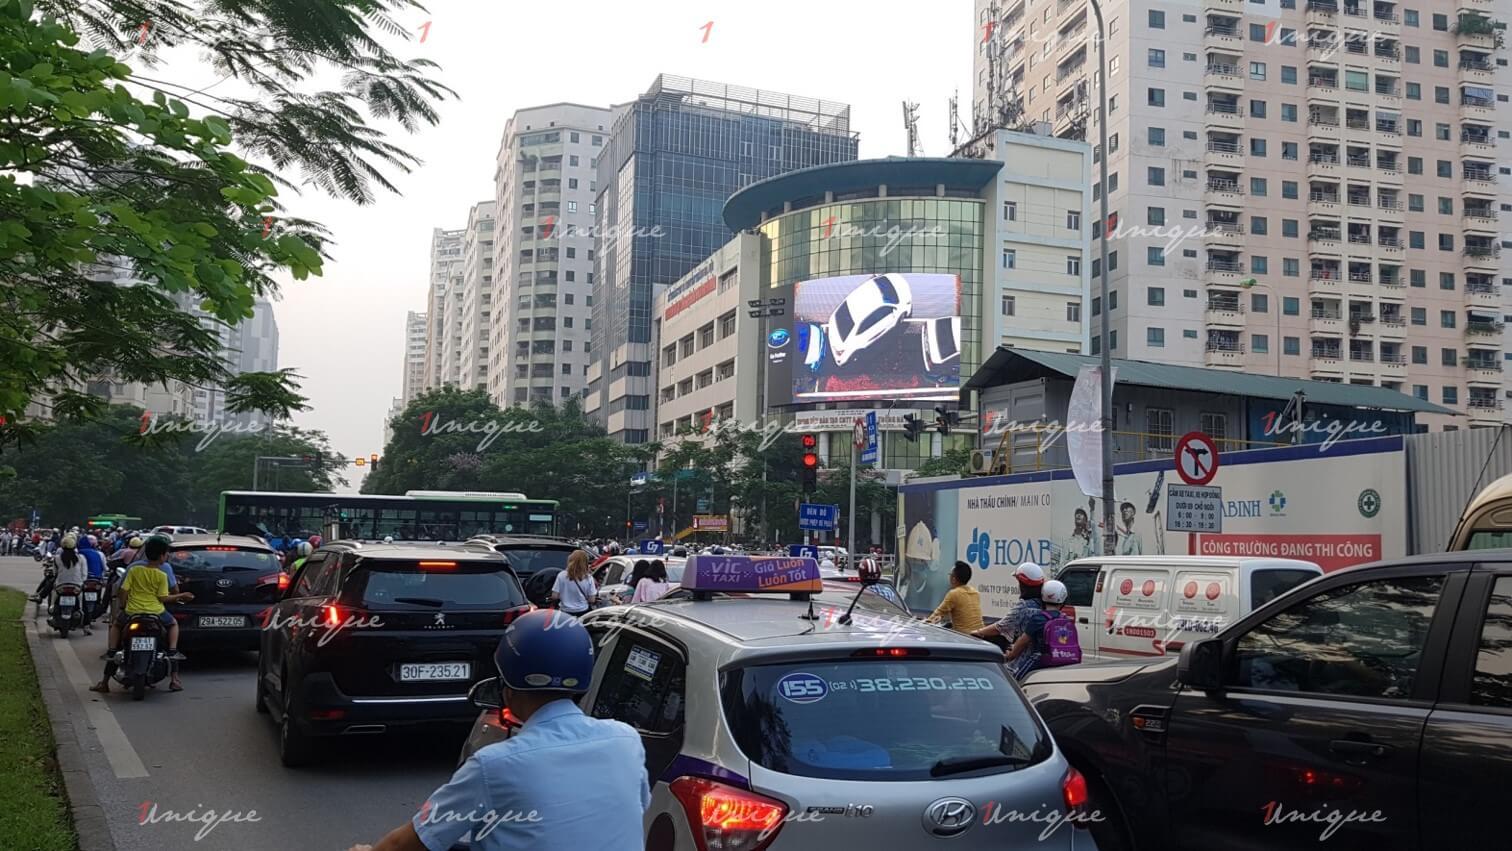 Màn hình Led quảng cáo ngã tư Lê Văn Lương - Hoàng Đạo Thúy